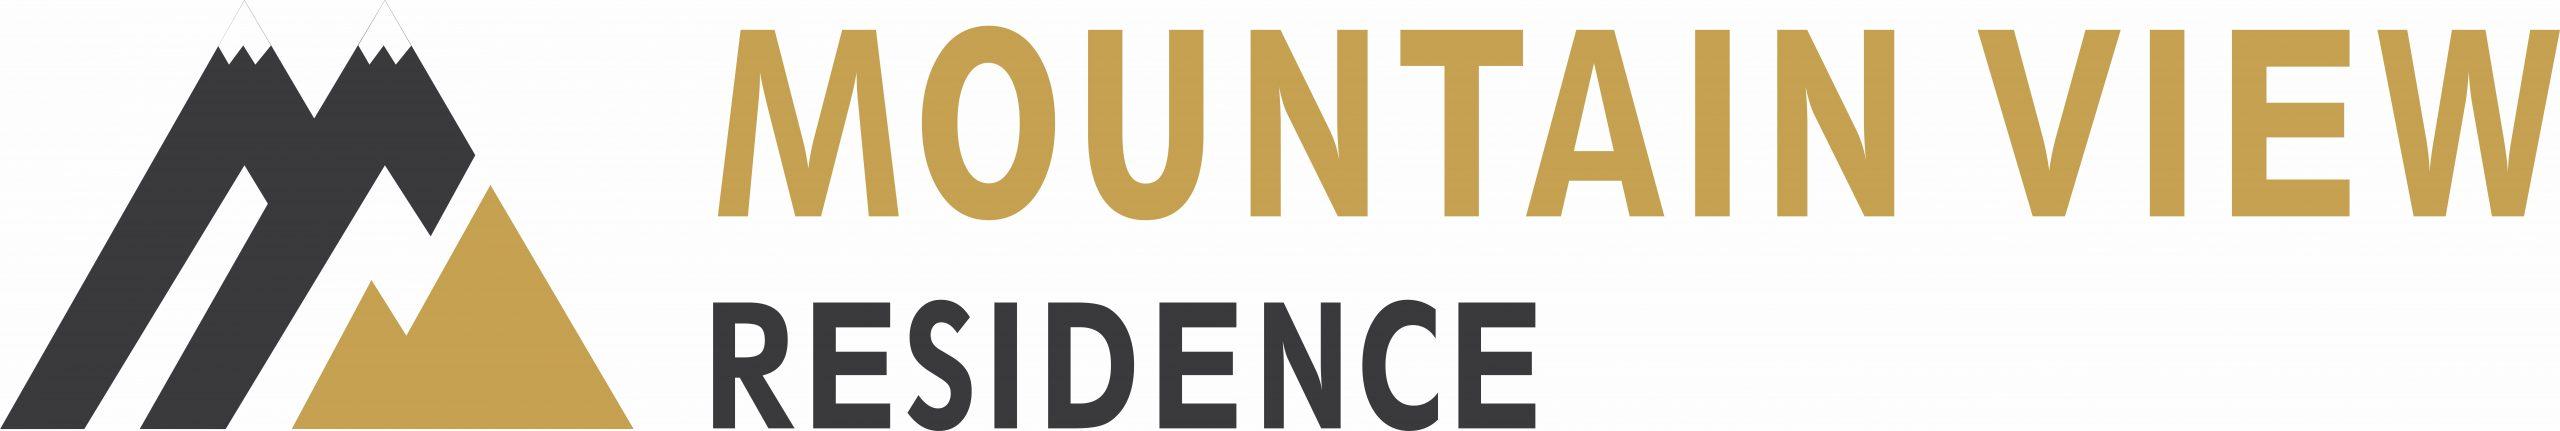 mountain view logo nou